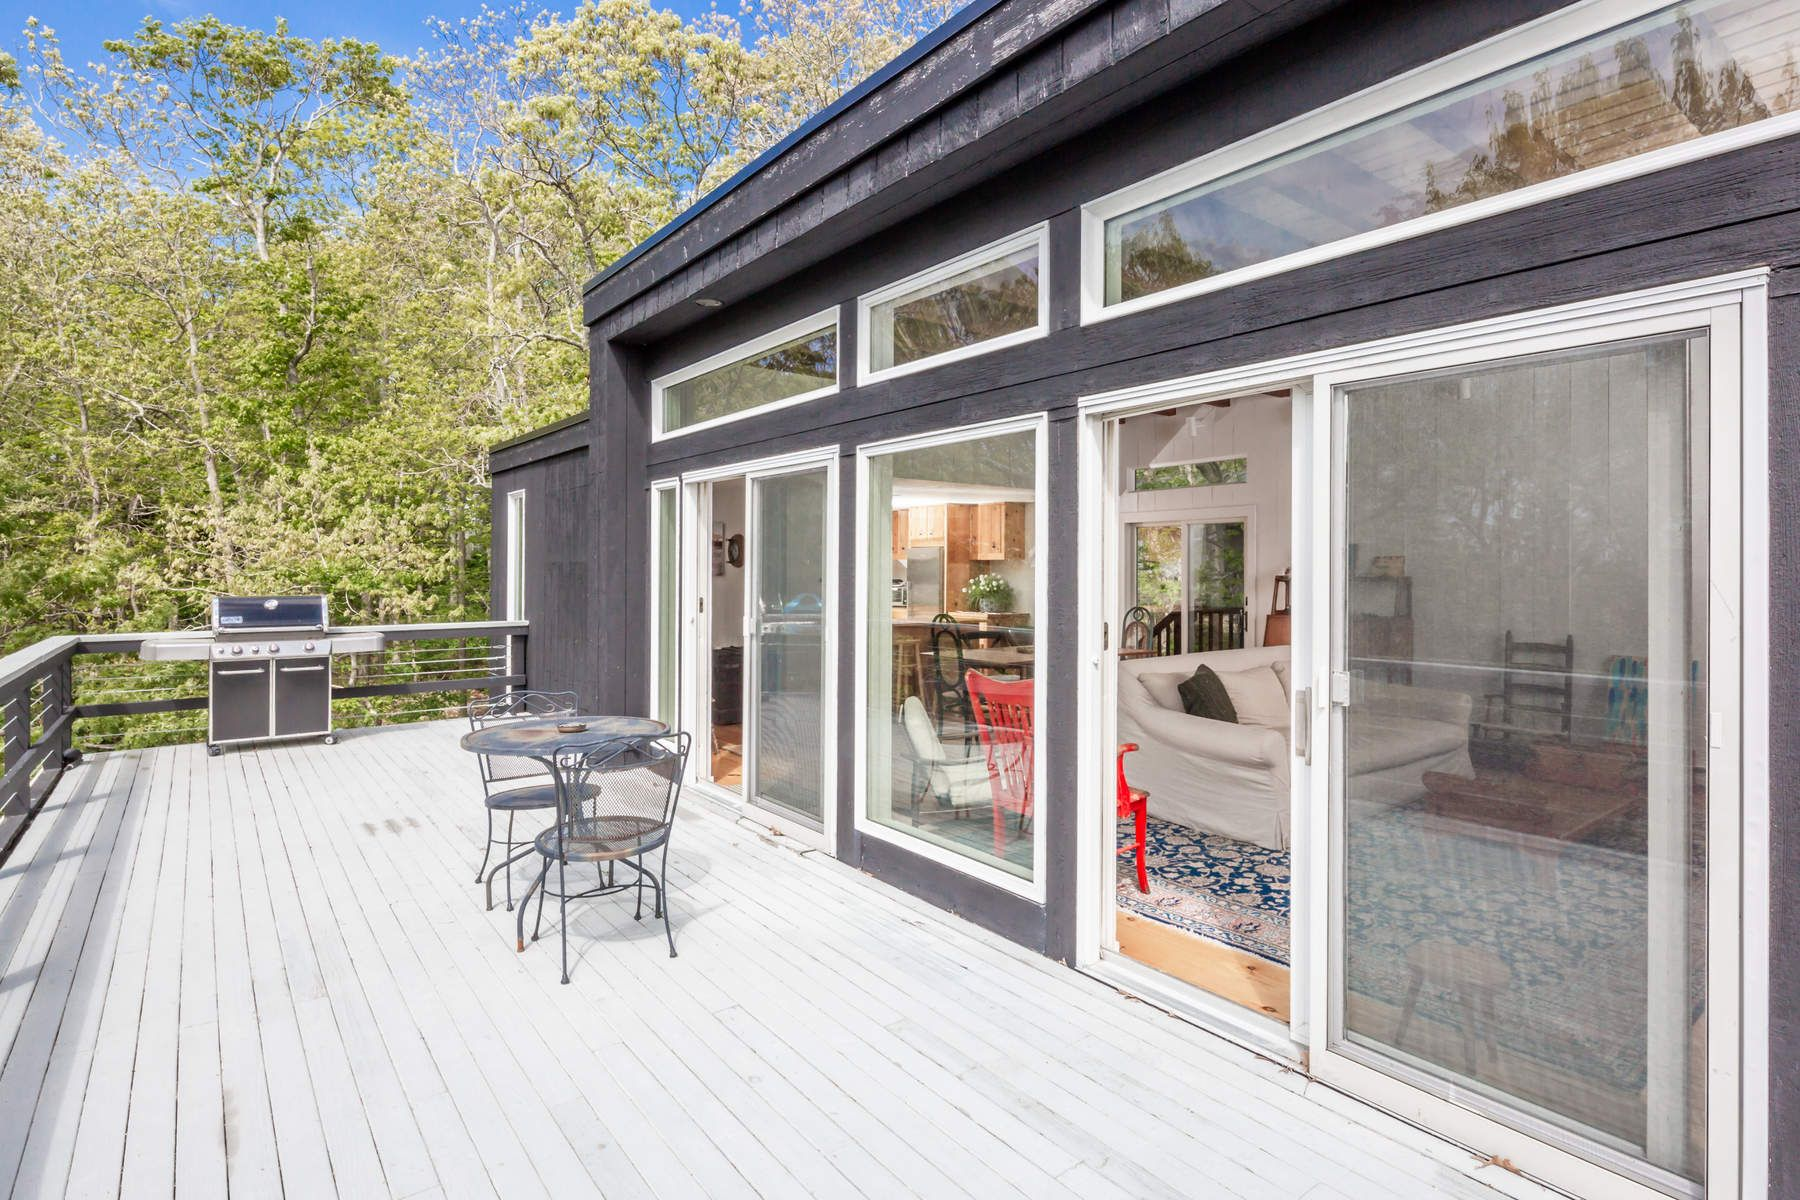 Single Family Home for Sale at Montauk Ocean Breezes 15 Elm Lane Montauk, New York 11954 United States